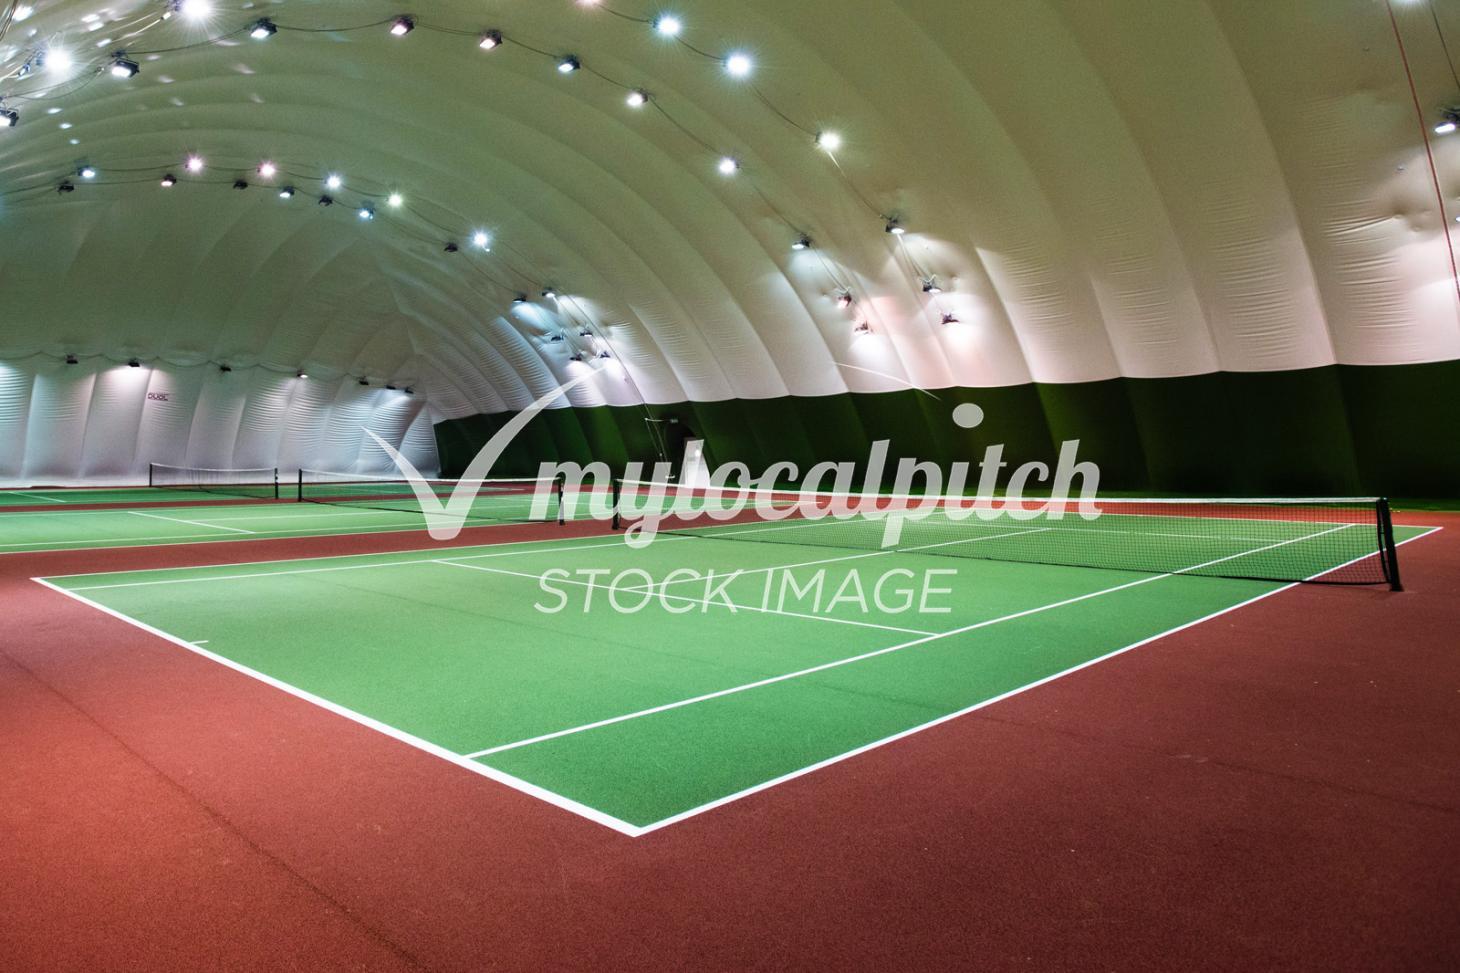 Parklangley Tennis Club Indoor tennis court